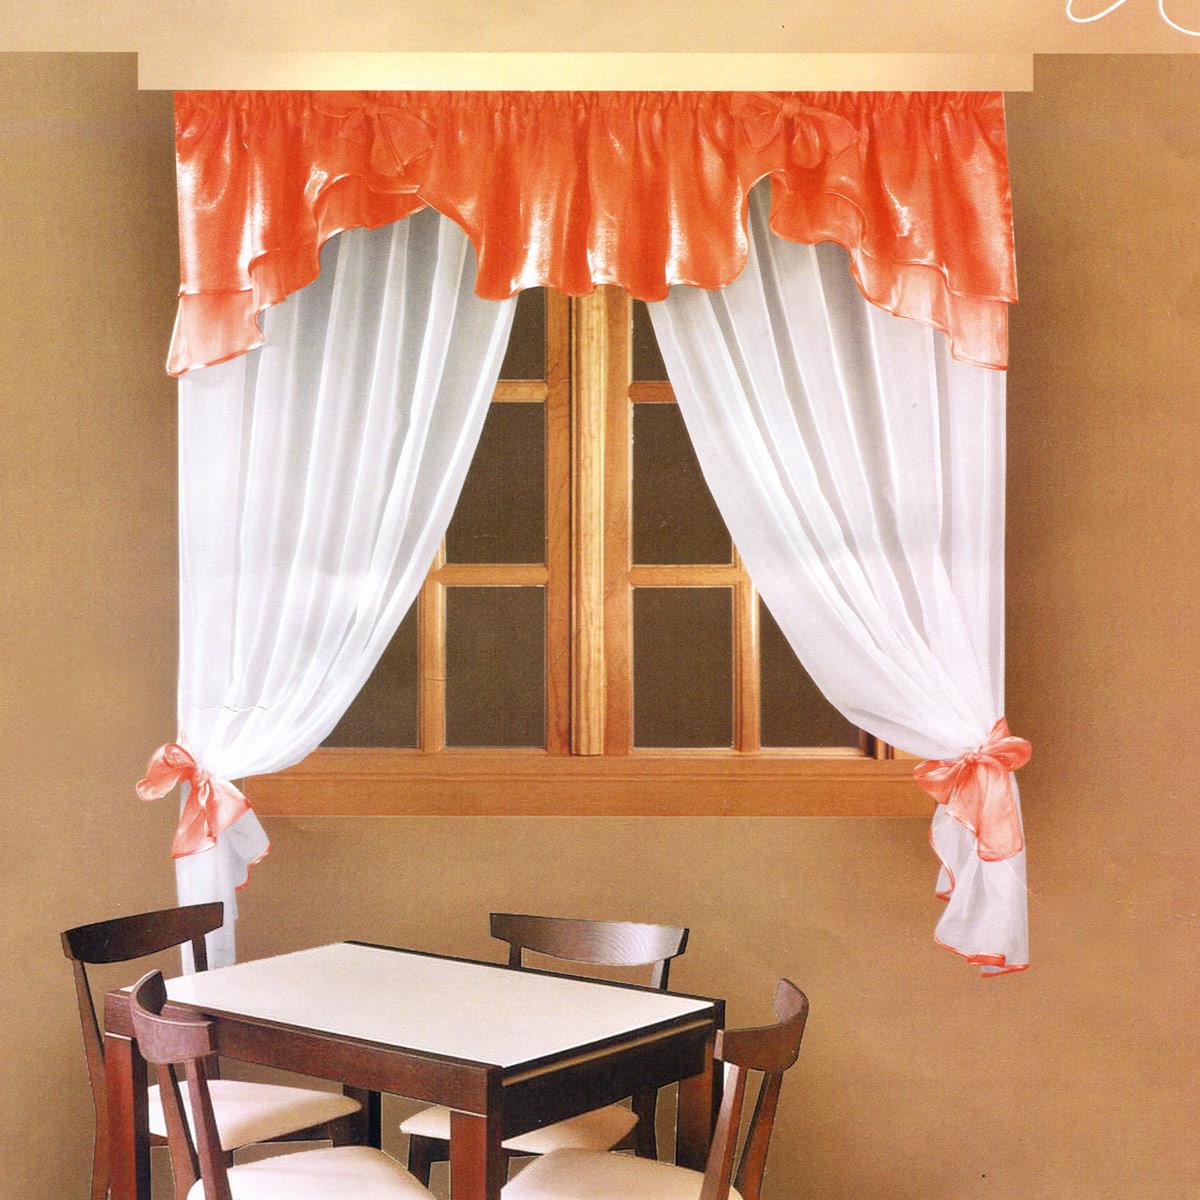 Комплект штор Zlata Korunka, на ленте, цвет: персиковый, высота 160 см. Б029Б029 персикРоскошный комплект штор Zlata Korunka, выполненный из полиэстера, великолепно украсит любое окно. Комплект состоит из ламбрекена и тюля. Воздушная ткань и приятная, приглушенная гамма привлекут к себе внимание и органично впишутся в интерьер помещения. Этот комплект будет долгое время радовать вас и вашу семью! Шторы крепятся на карниз при помощи ленты, которая поможет красиво и равномерно задрапировать верх. Тюль можно зафиксировать в одном положении с помощью двух подхватов, которые можно завязать в банты.